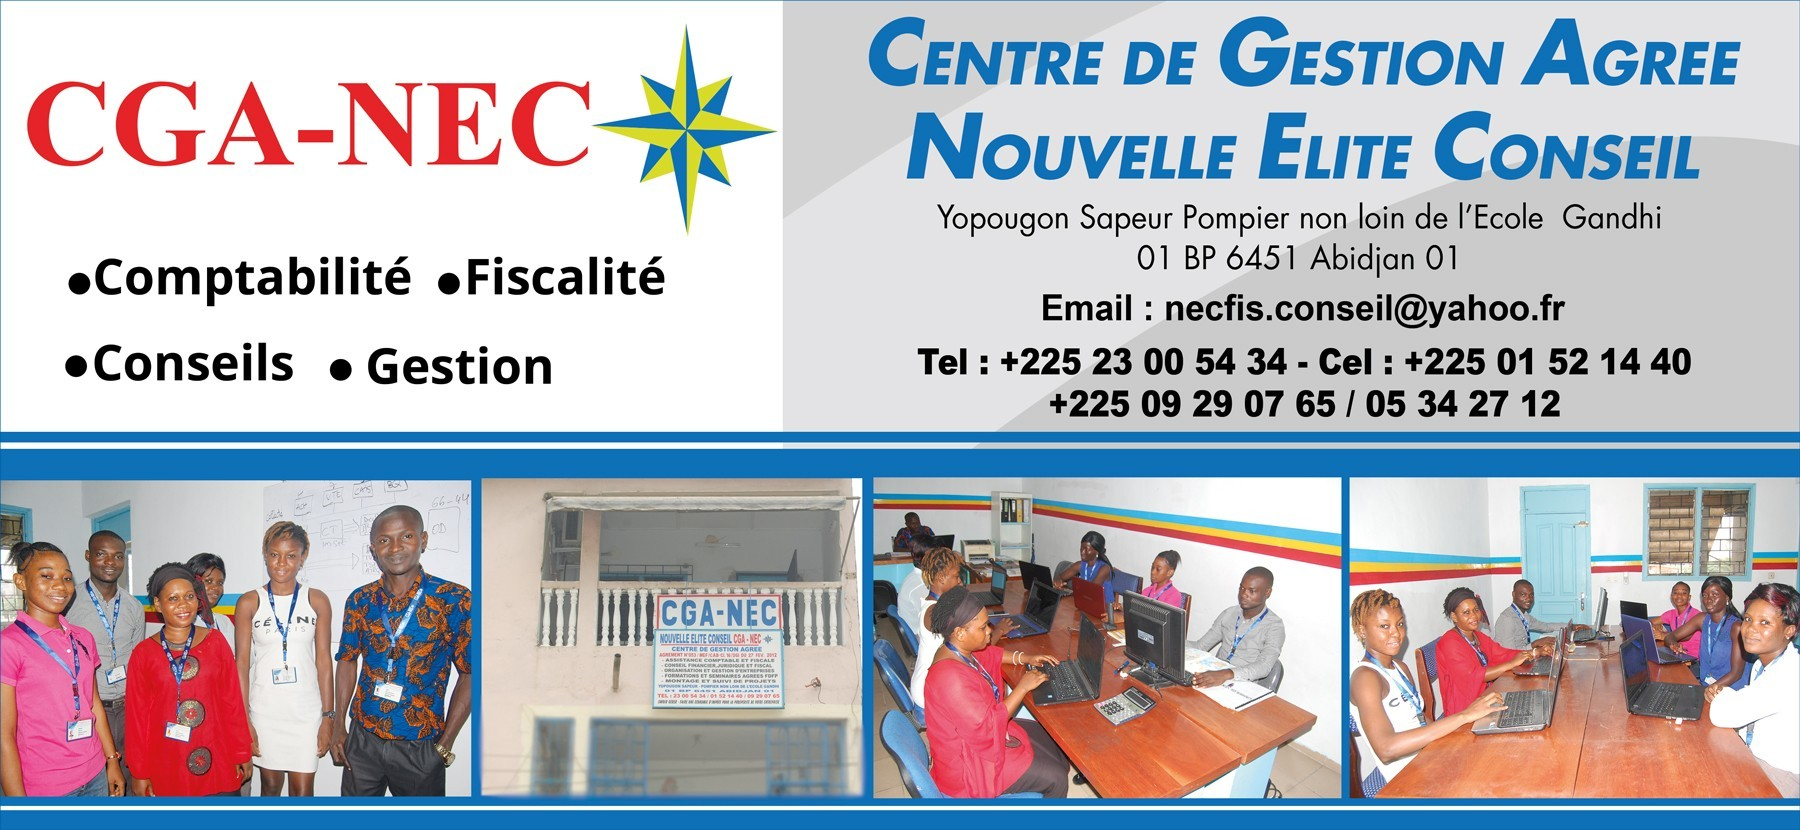 Cga nec centre de gestion agree nouvelle elite conseil - Cabinet d expertise comptable au benin ...